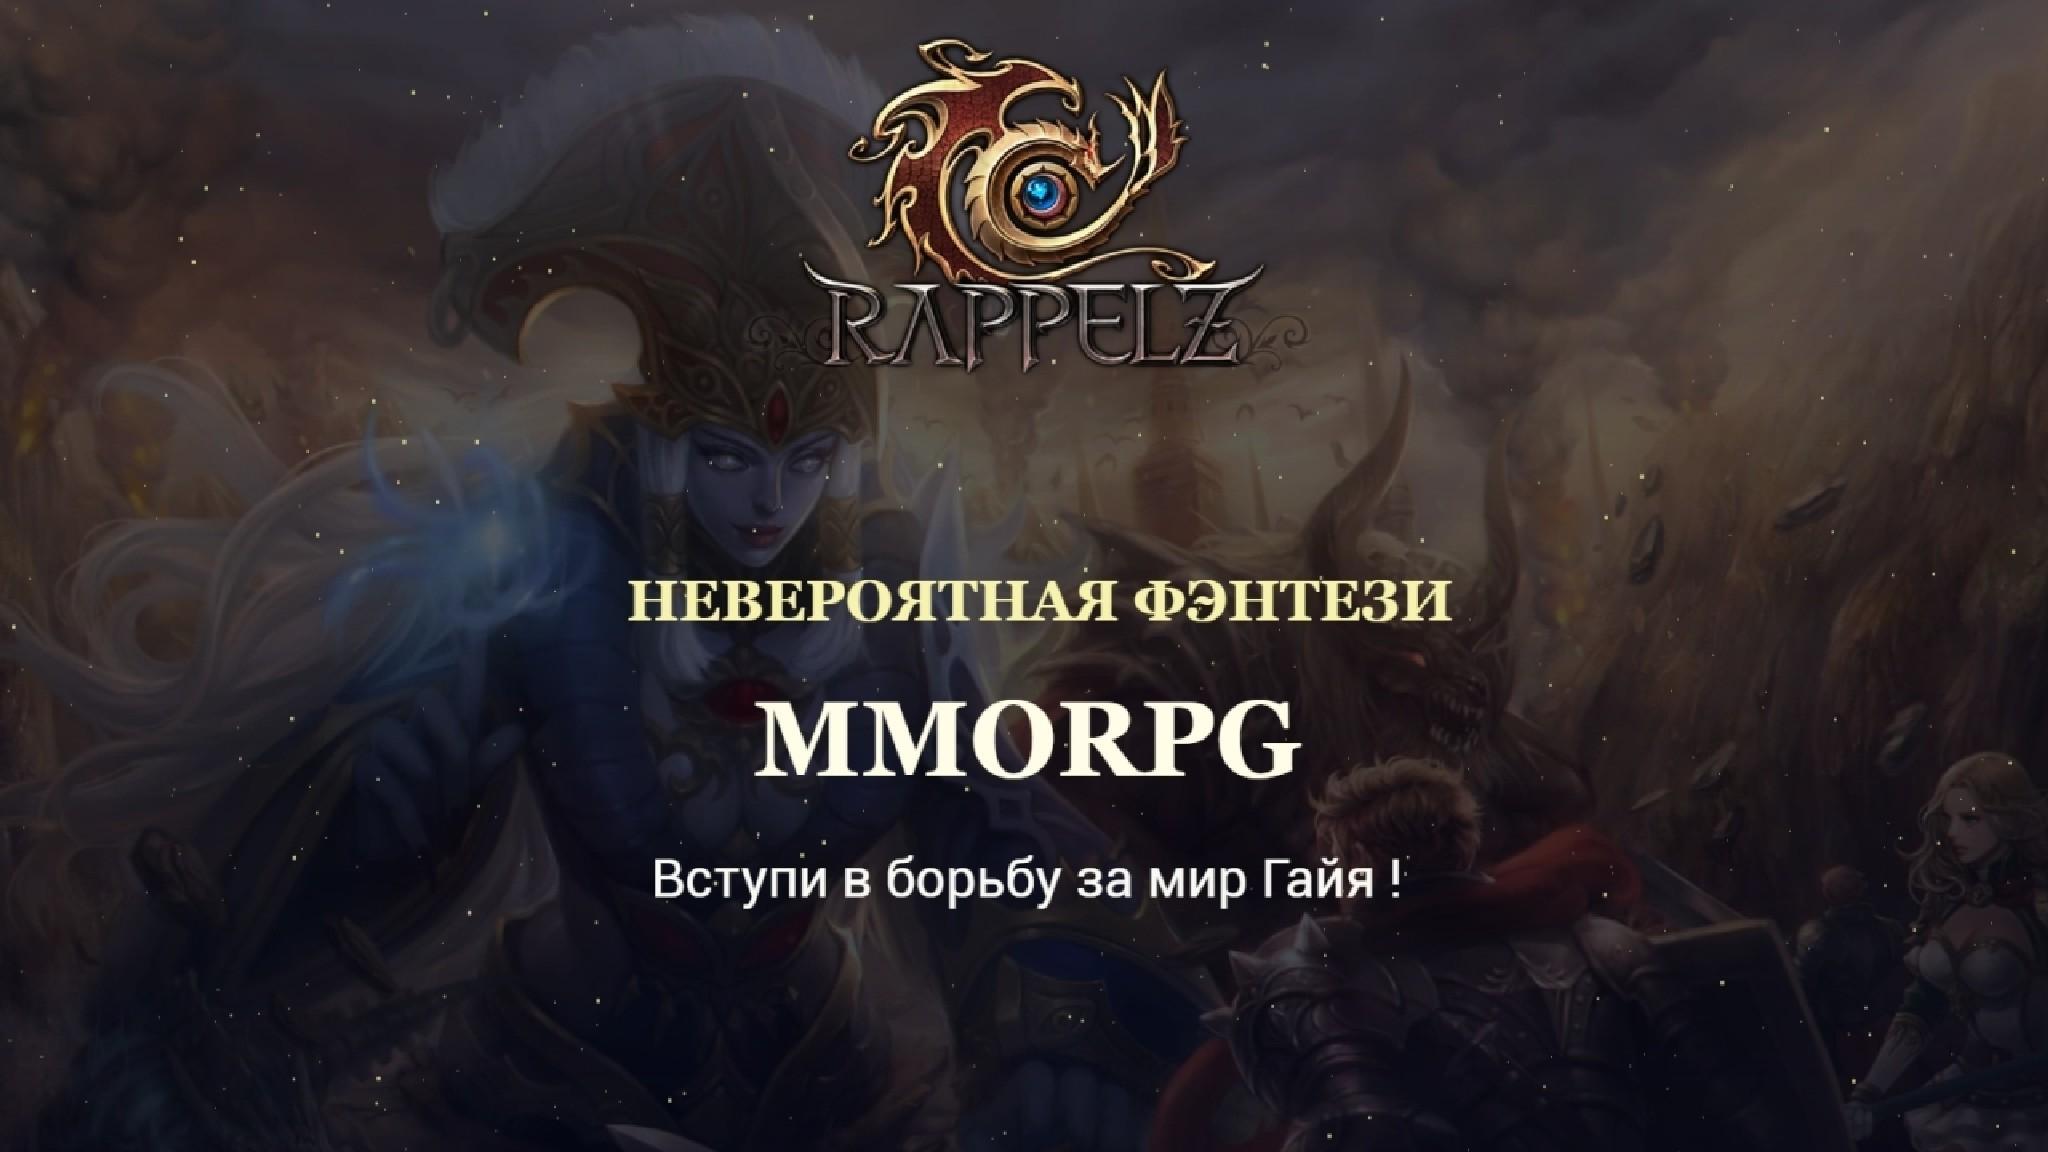 Раппелз играть онлайн бесплатно